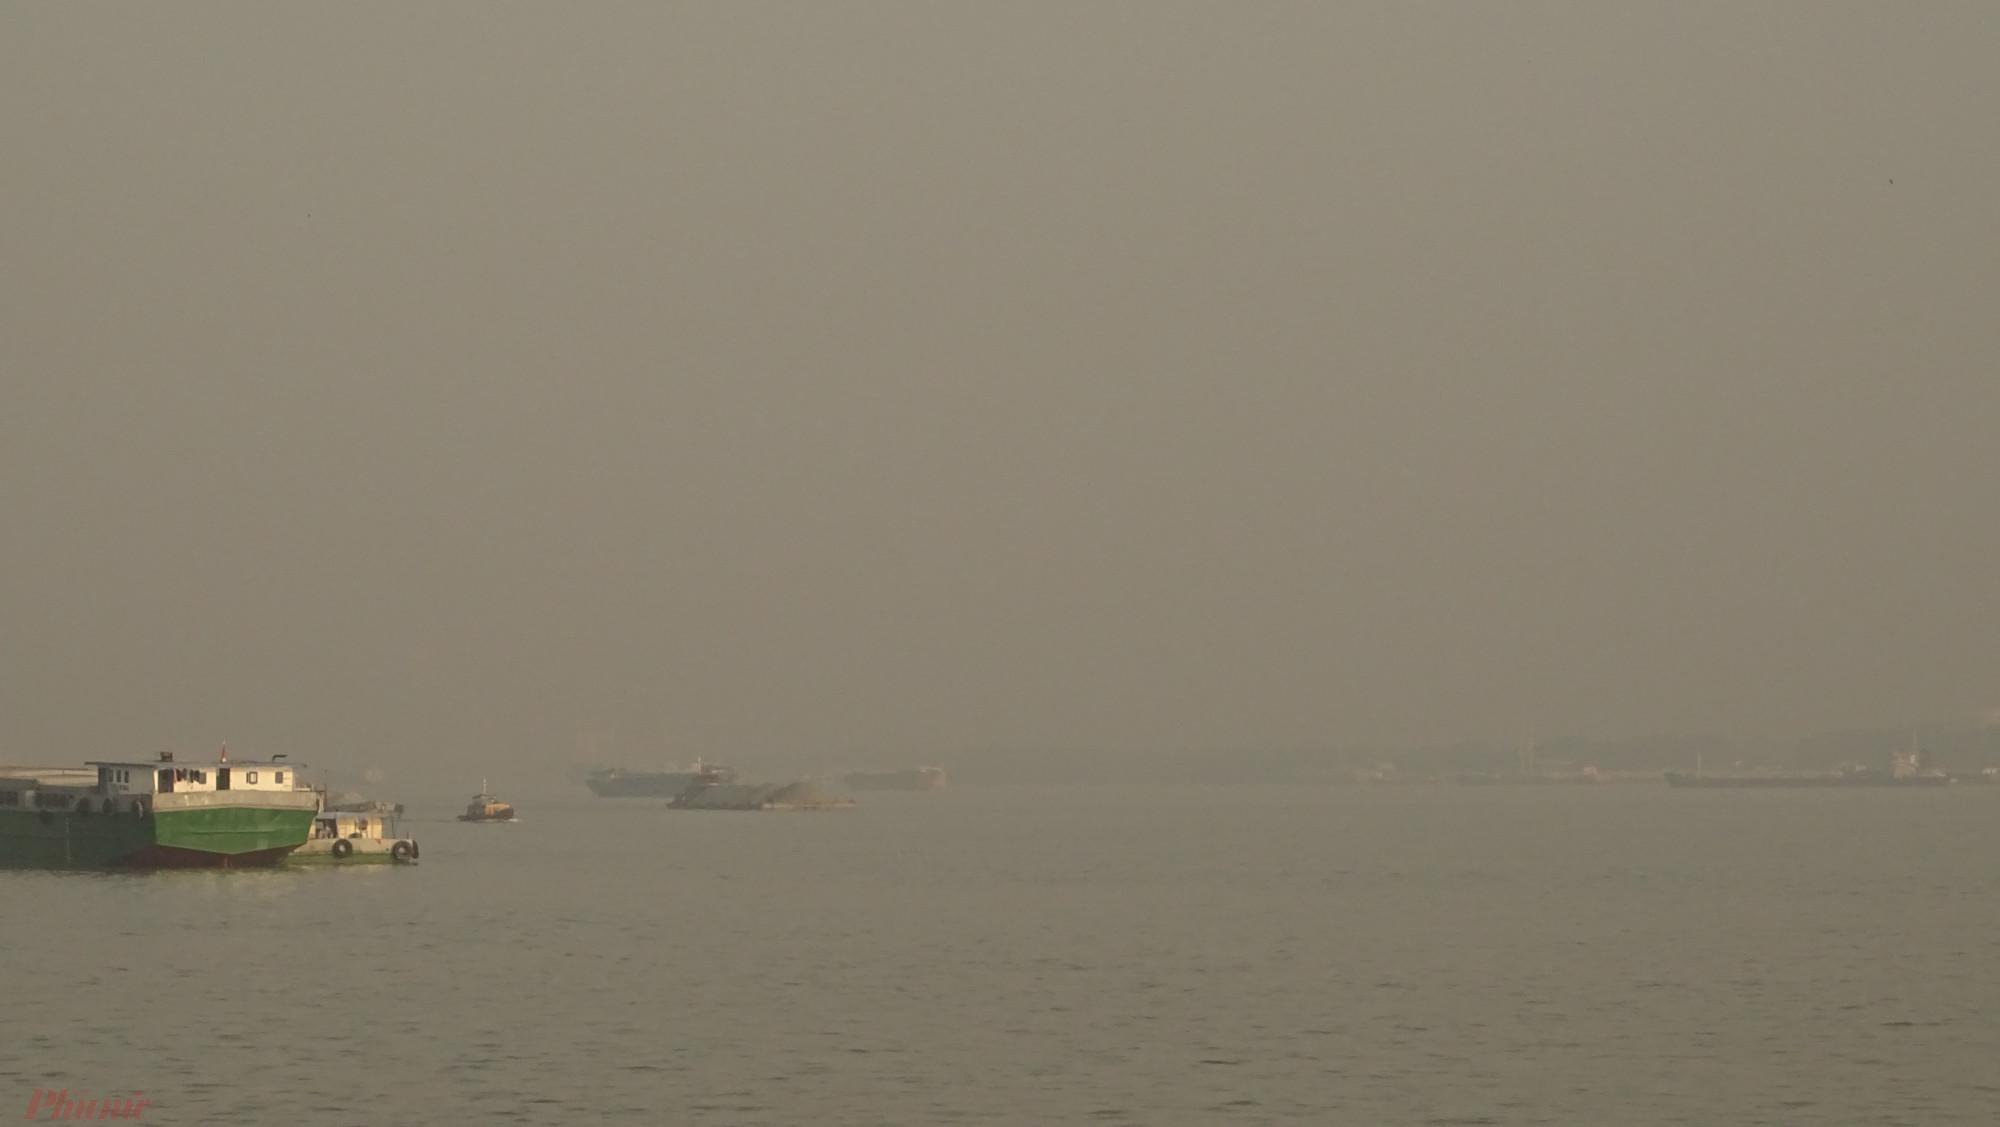 """Tình trạng mù trời ở TP HCM không chỉ xuất hiện ngày càng nhiều mà mức độ """"đậm đặc"""""""" cũng tang lên. Có những đợt bầu trời mù mịt đến mức các tàu thuyền trên song Sài Gòn gần như biến mất."""